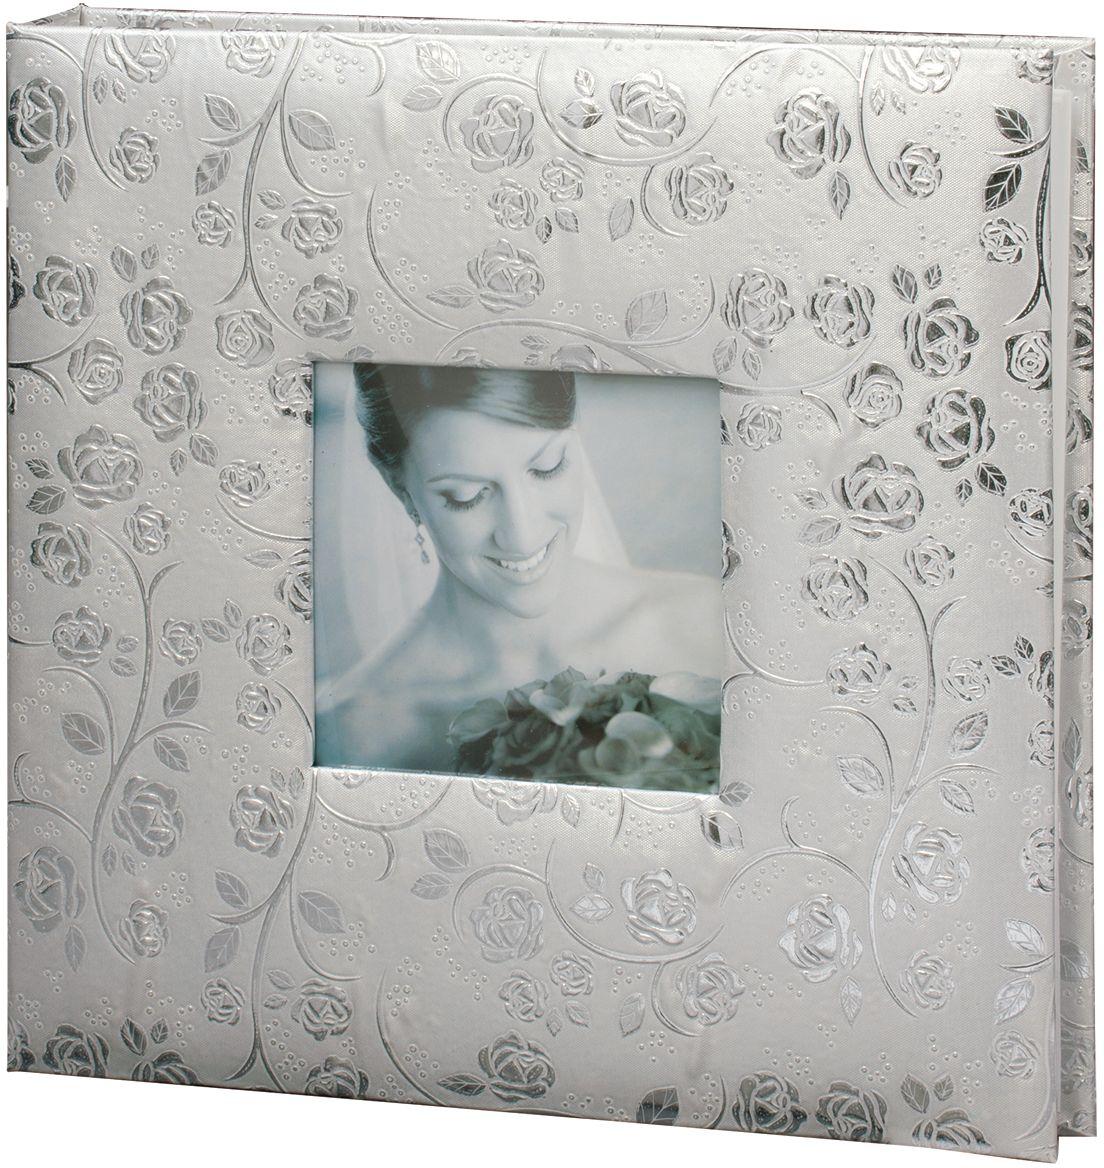 Фото - Фотоальбом свадебный Brauberg, 20 магнитных листов, рамка для фото, 30 x 32 см фотоальбом свадебный brauberg 20 магнитных листов 4 рамки для фото 30 x 32 см